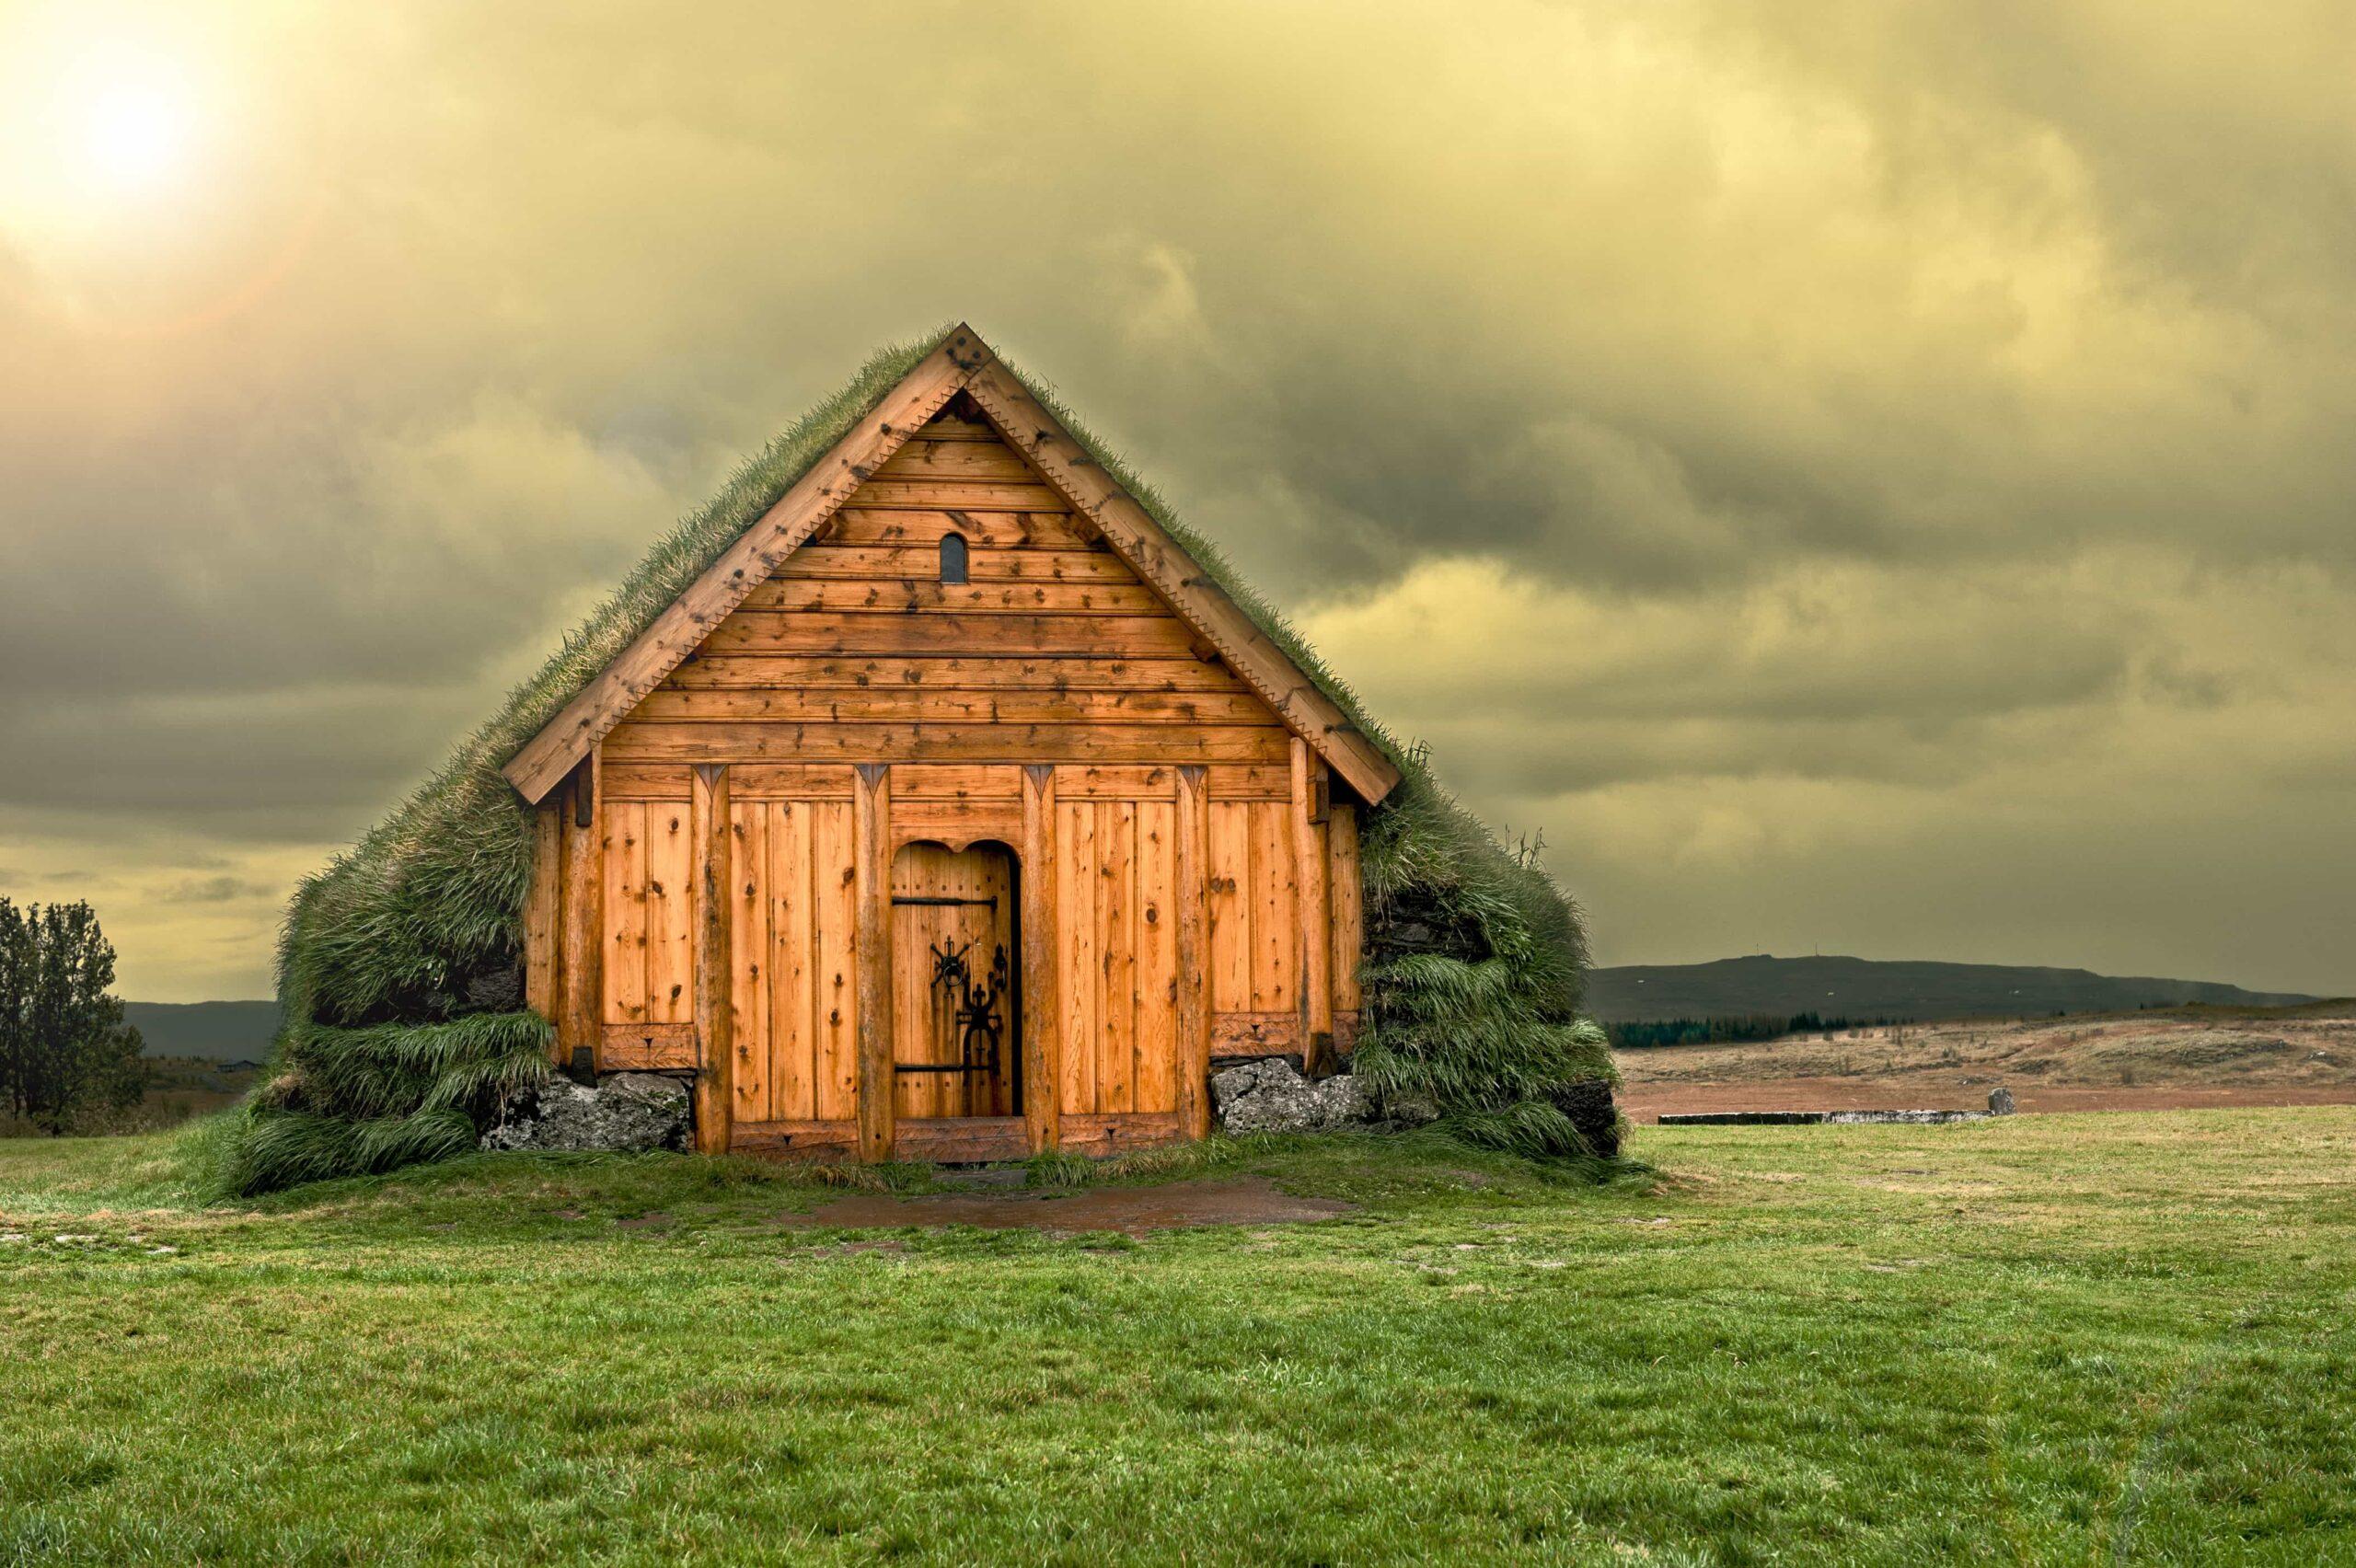 Þorláksbúð turf house